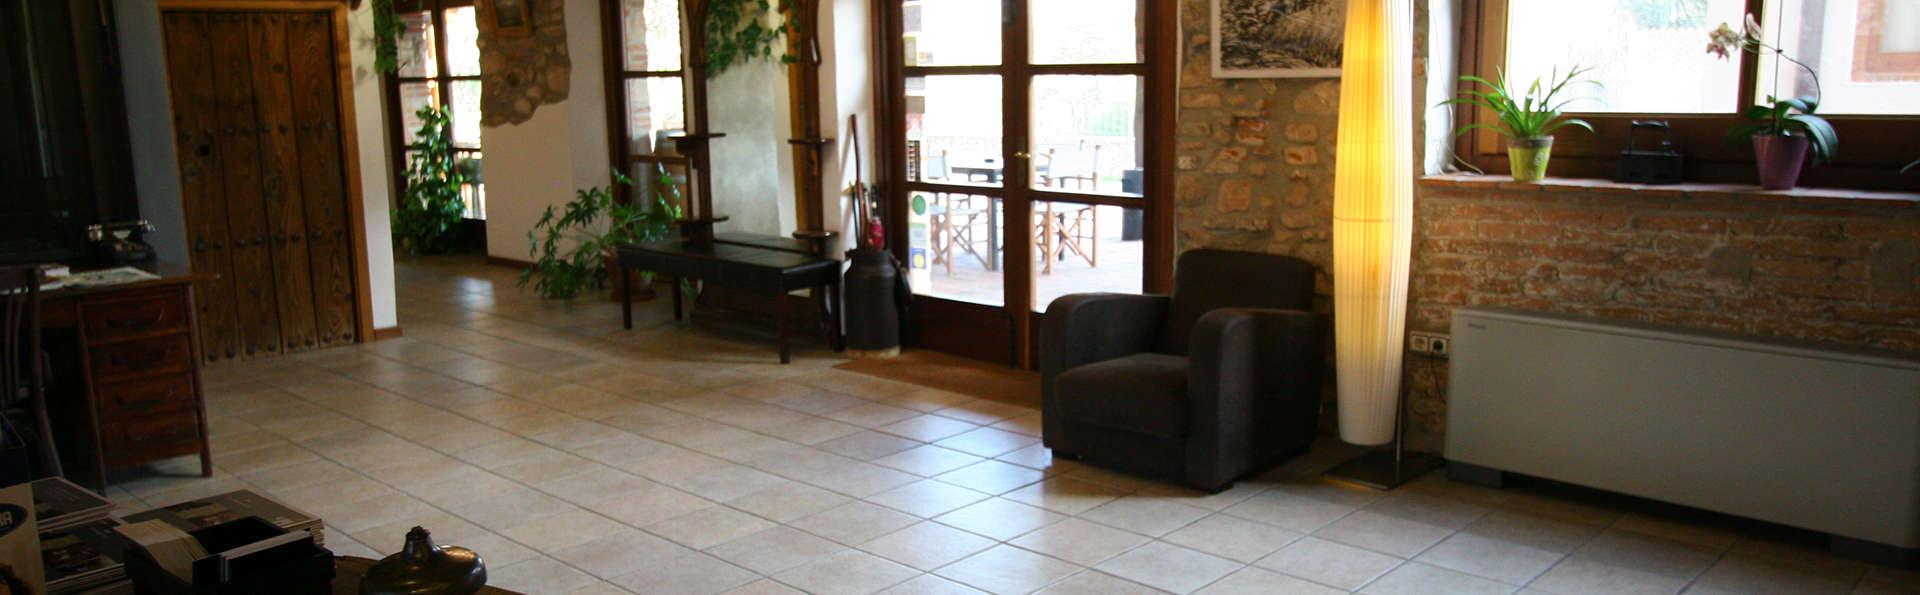 Hotel Molí de la Torre - EDIT_RECEPTION.jpg